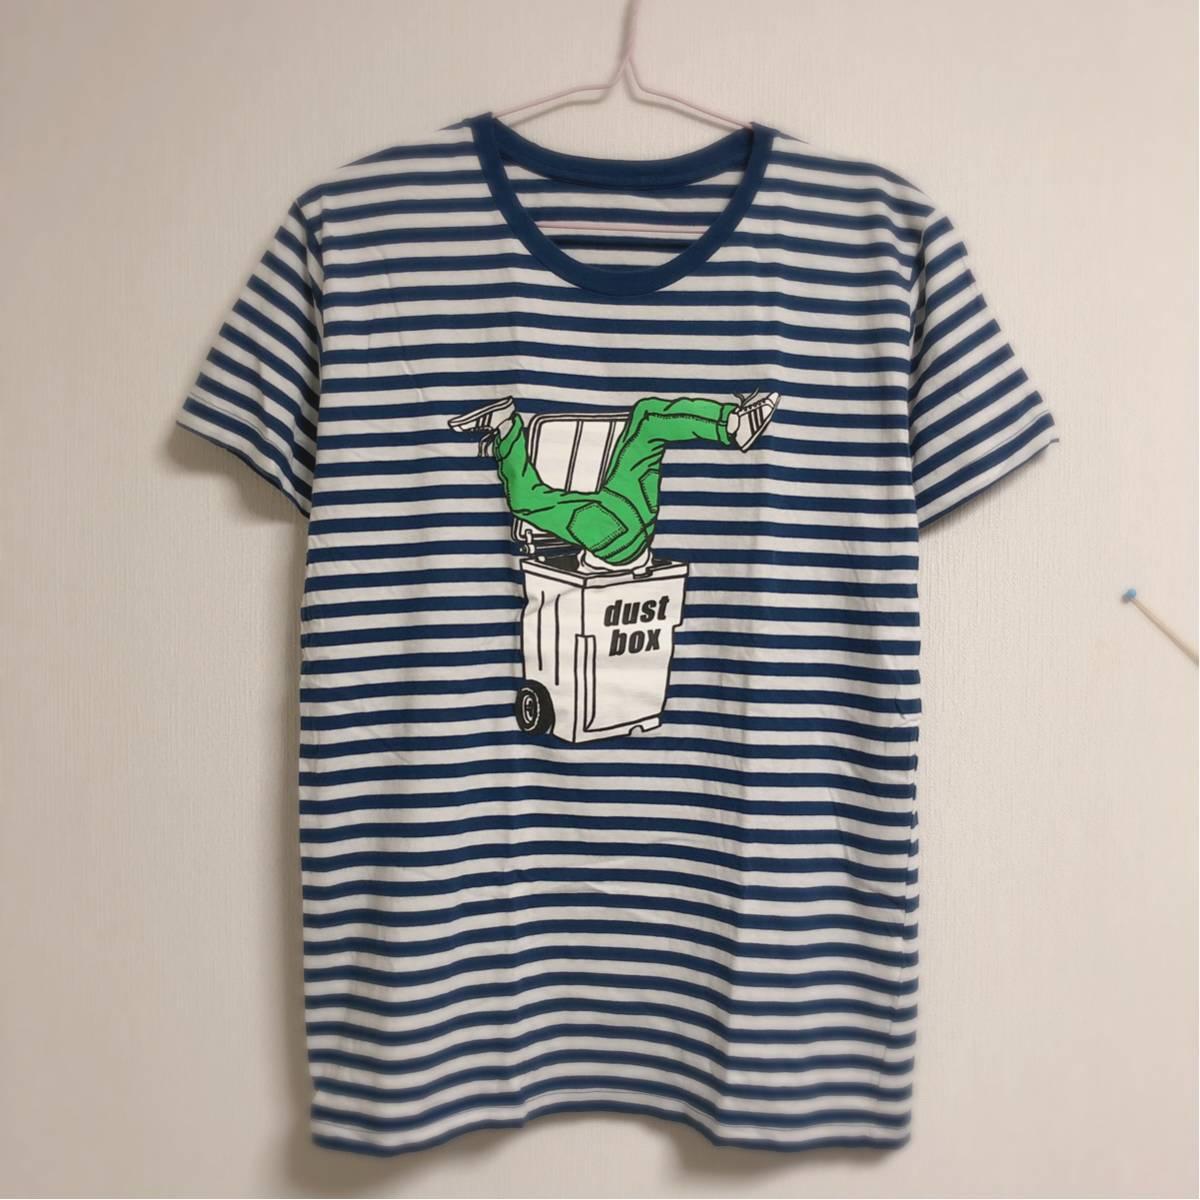 dustbox ボーダー Tシャツ★Mサイズ PIZZA OF DEATH ハイスタ vans ダストボックス WANIMA バンドT ライブグッズの画像